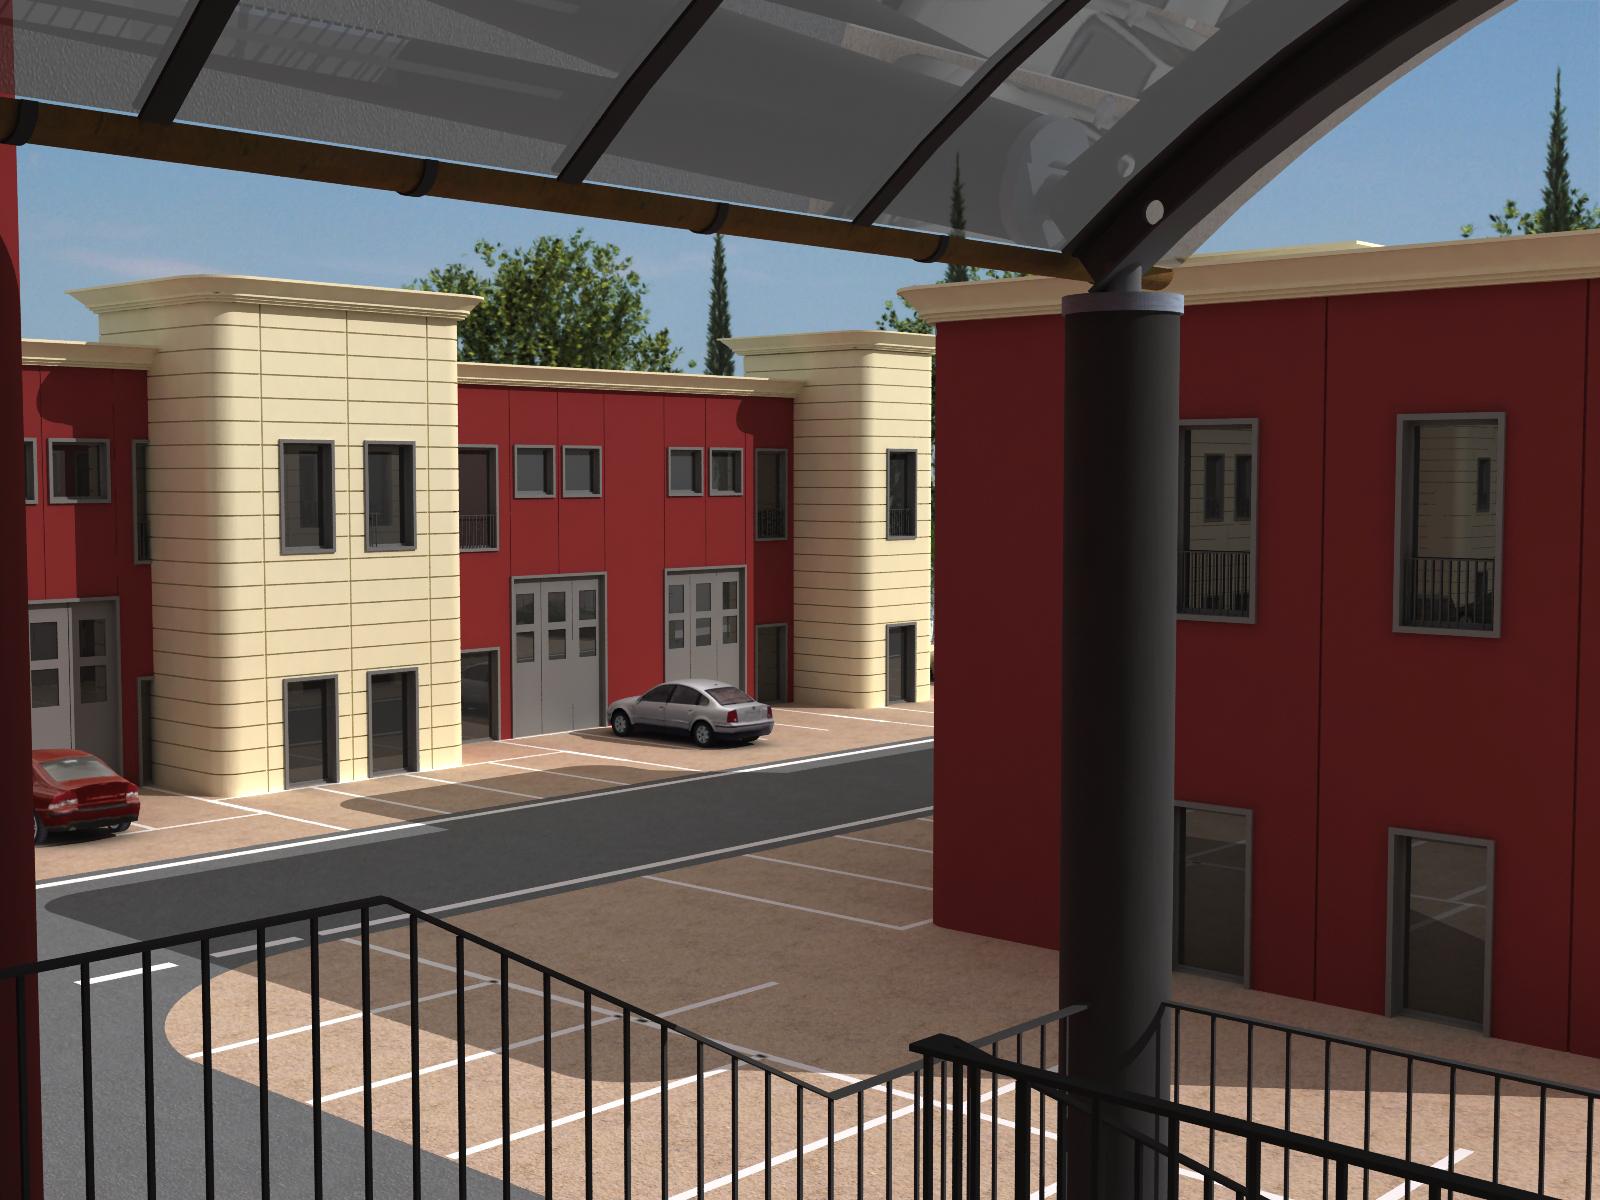 nuova-costruzione-di-fabbricati-artigianali-in-lucca-frazione-di-san-filippo-image-5